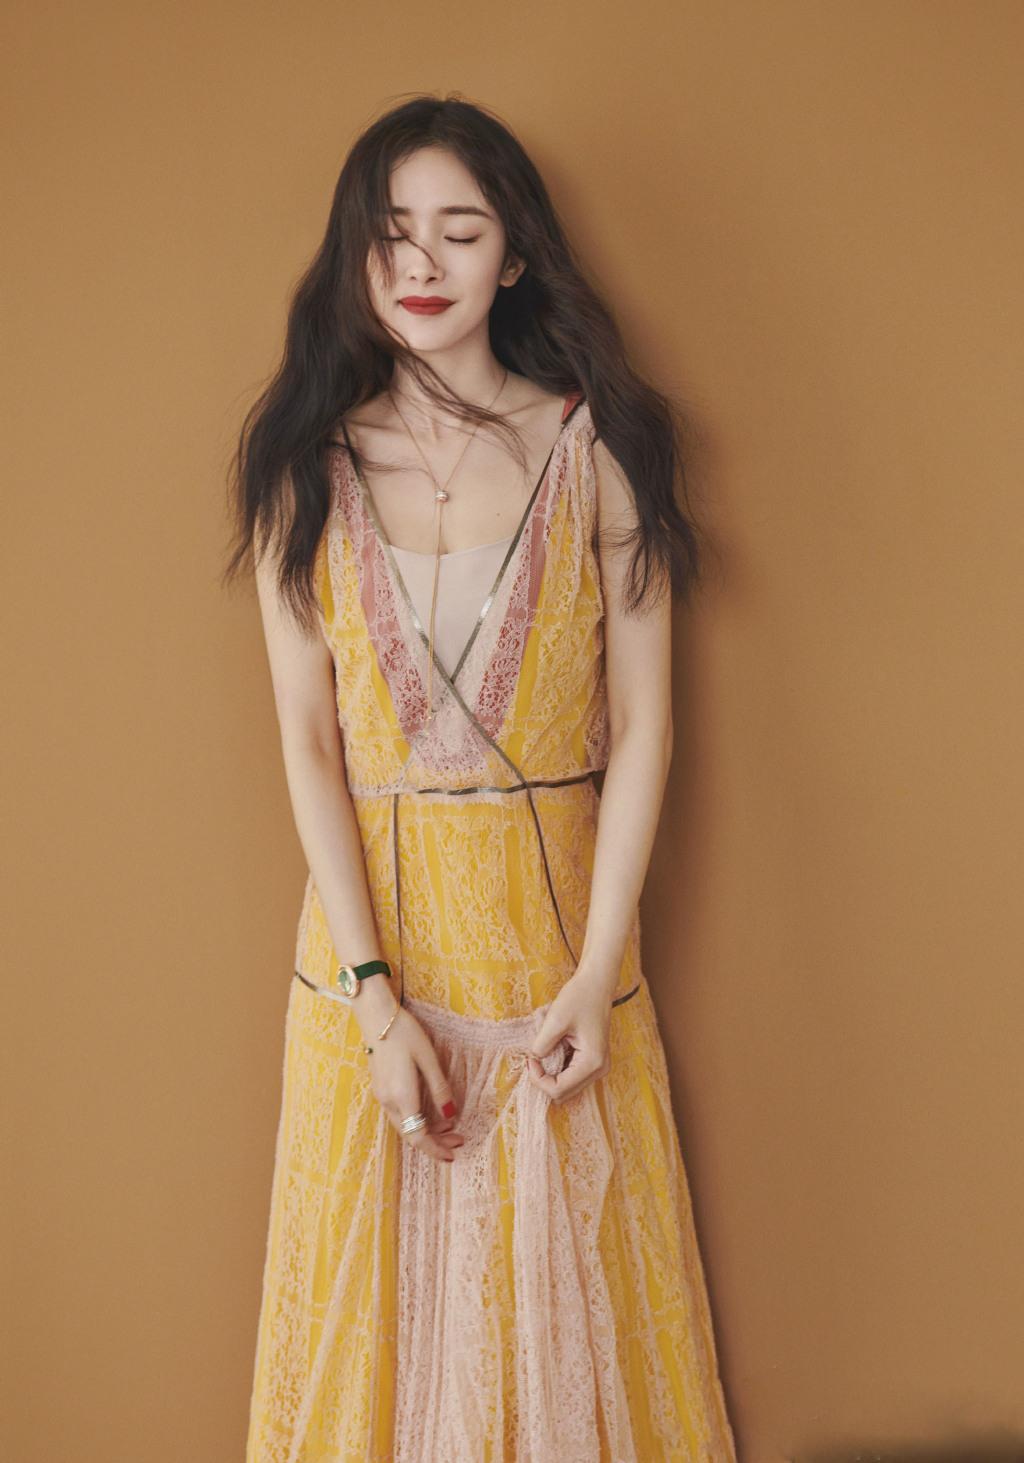 杨幂黄色照_杨幂光着脚也要穿的这条黄色连衣裙,裙子是吊带裙的款式,领口是v领的